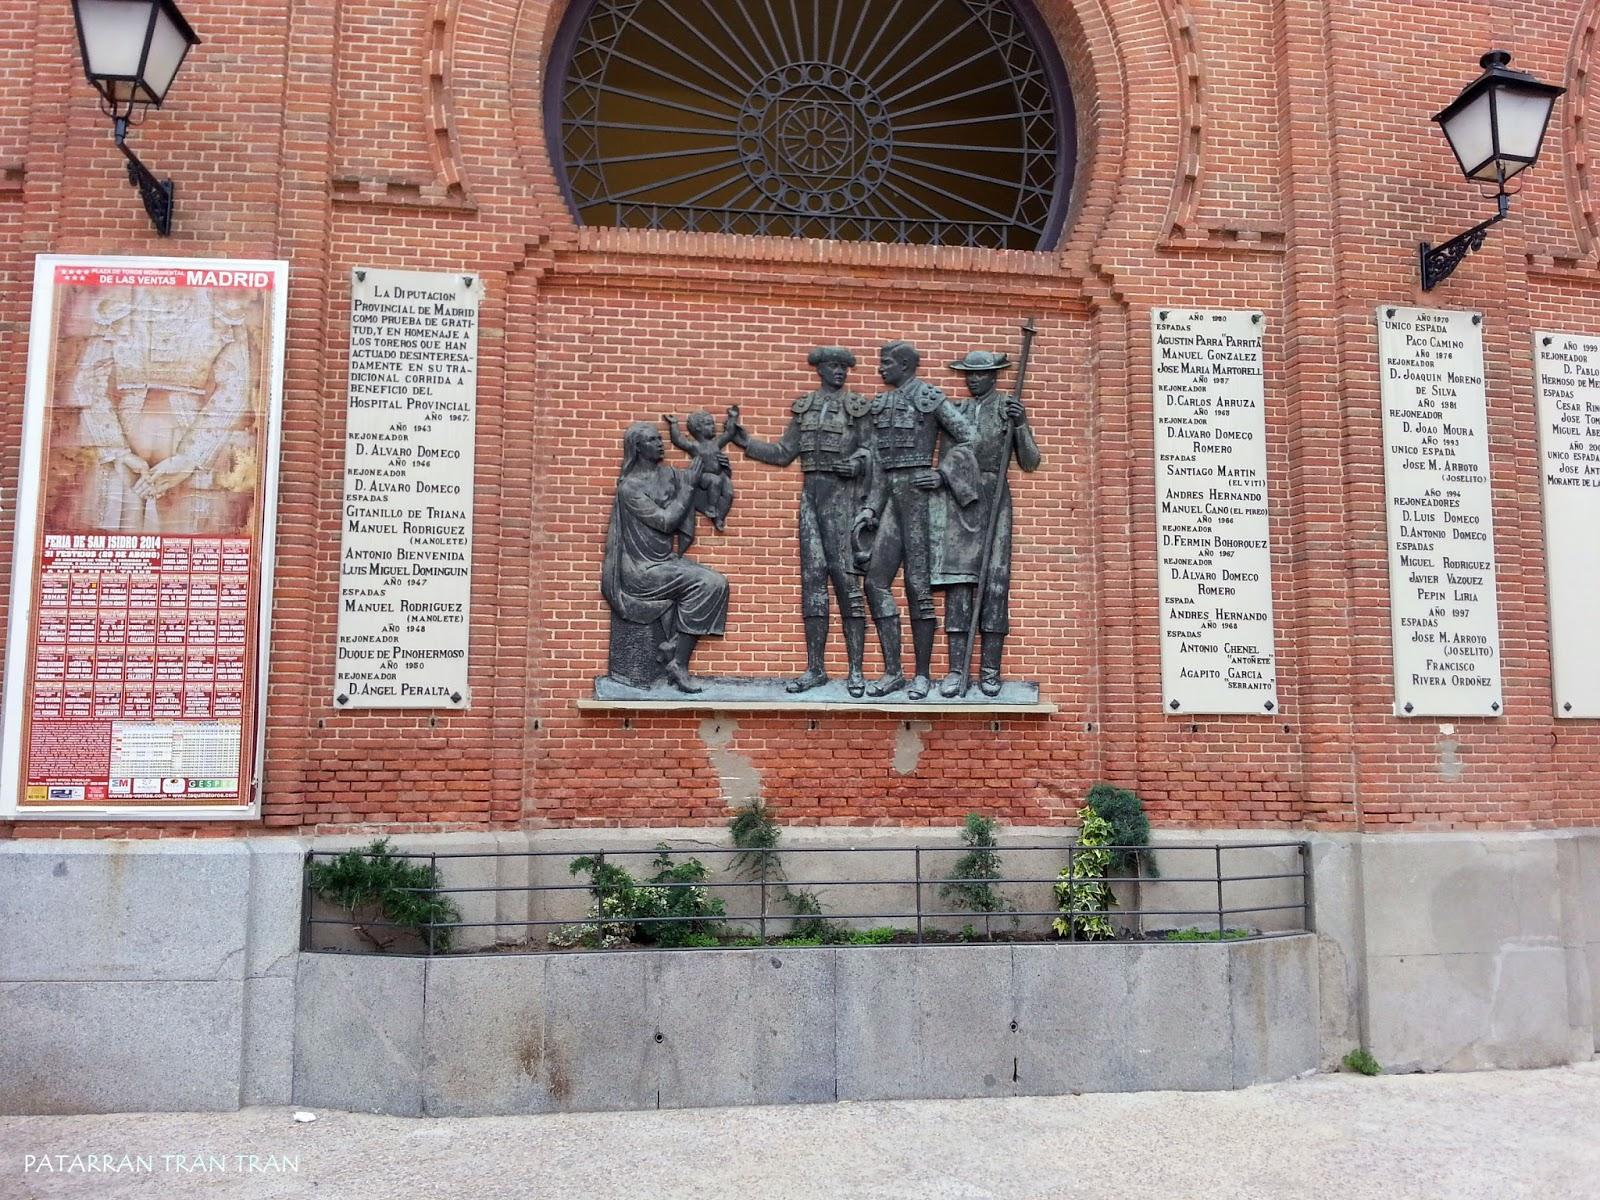 Inspeccion Tabernaria. Ventas. San Isidro